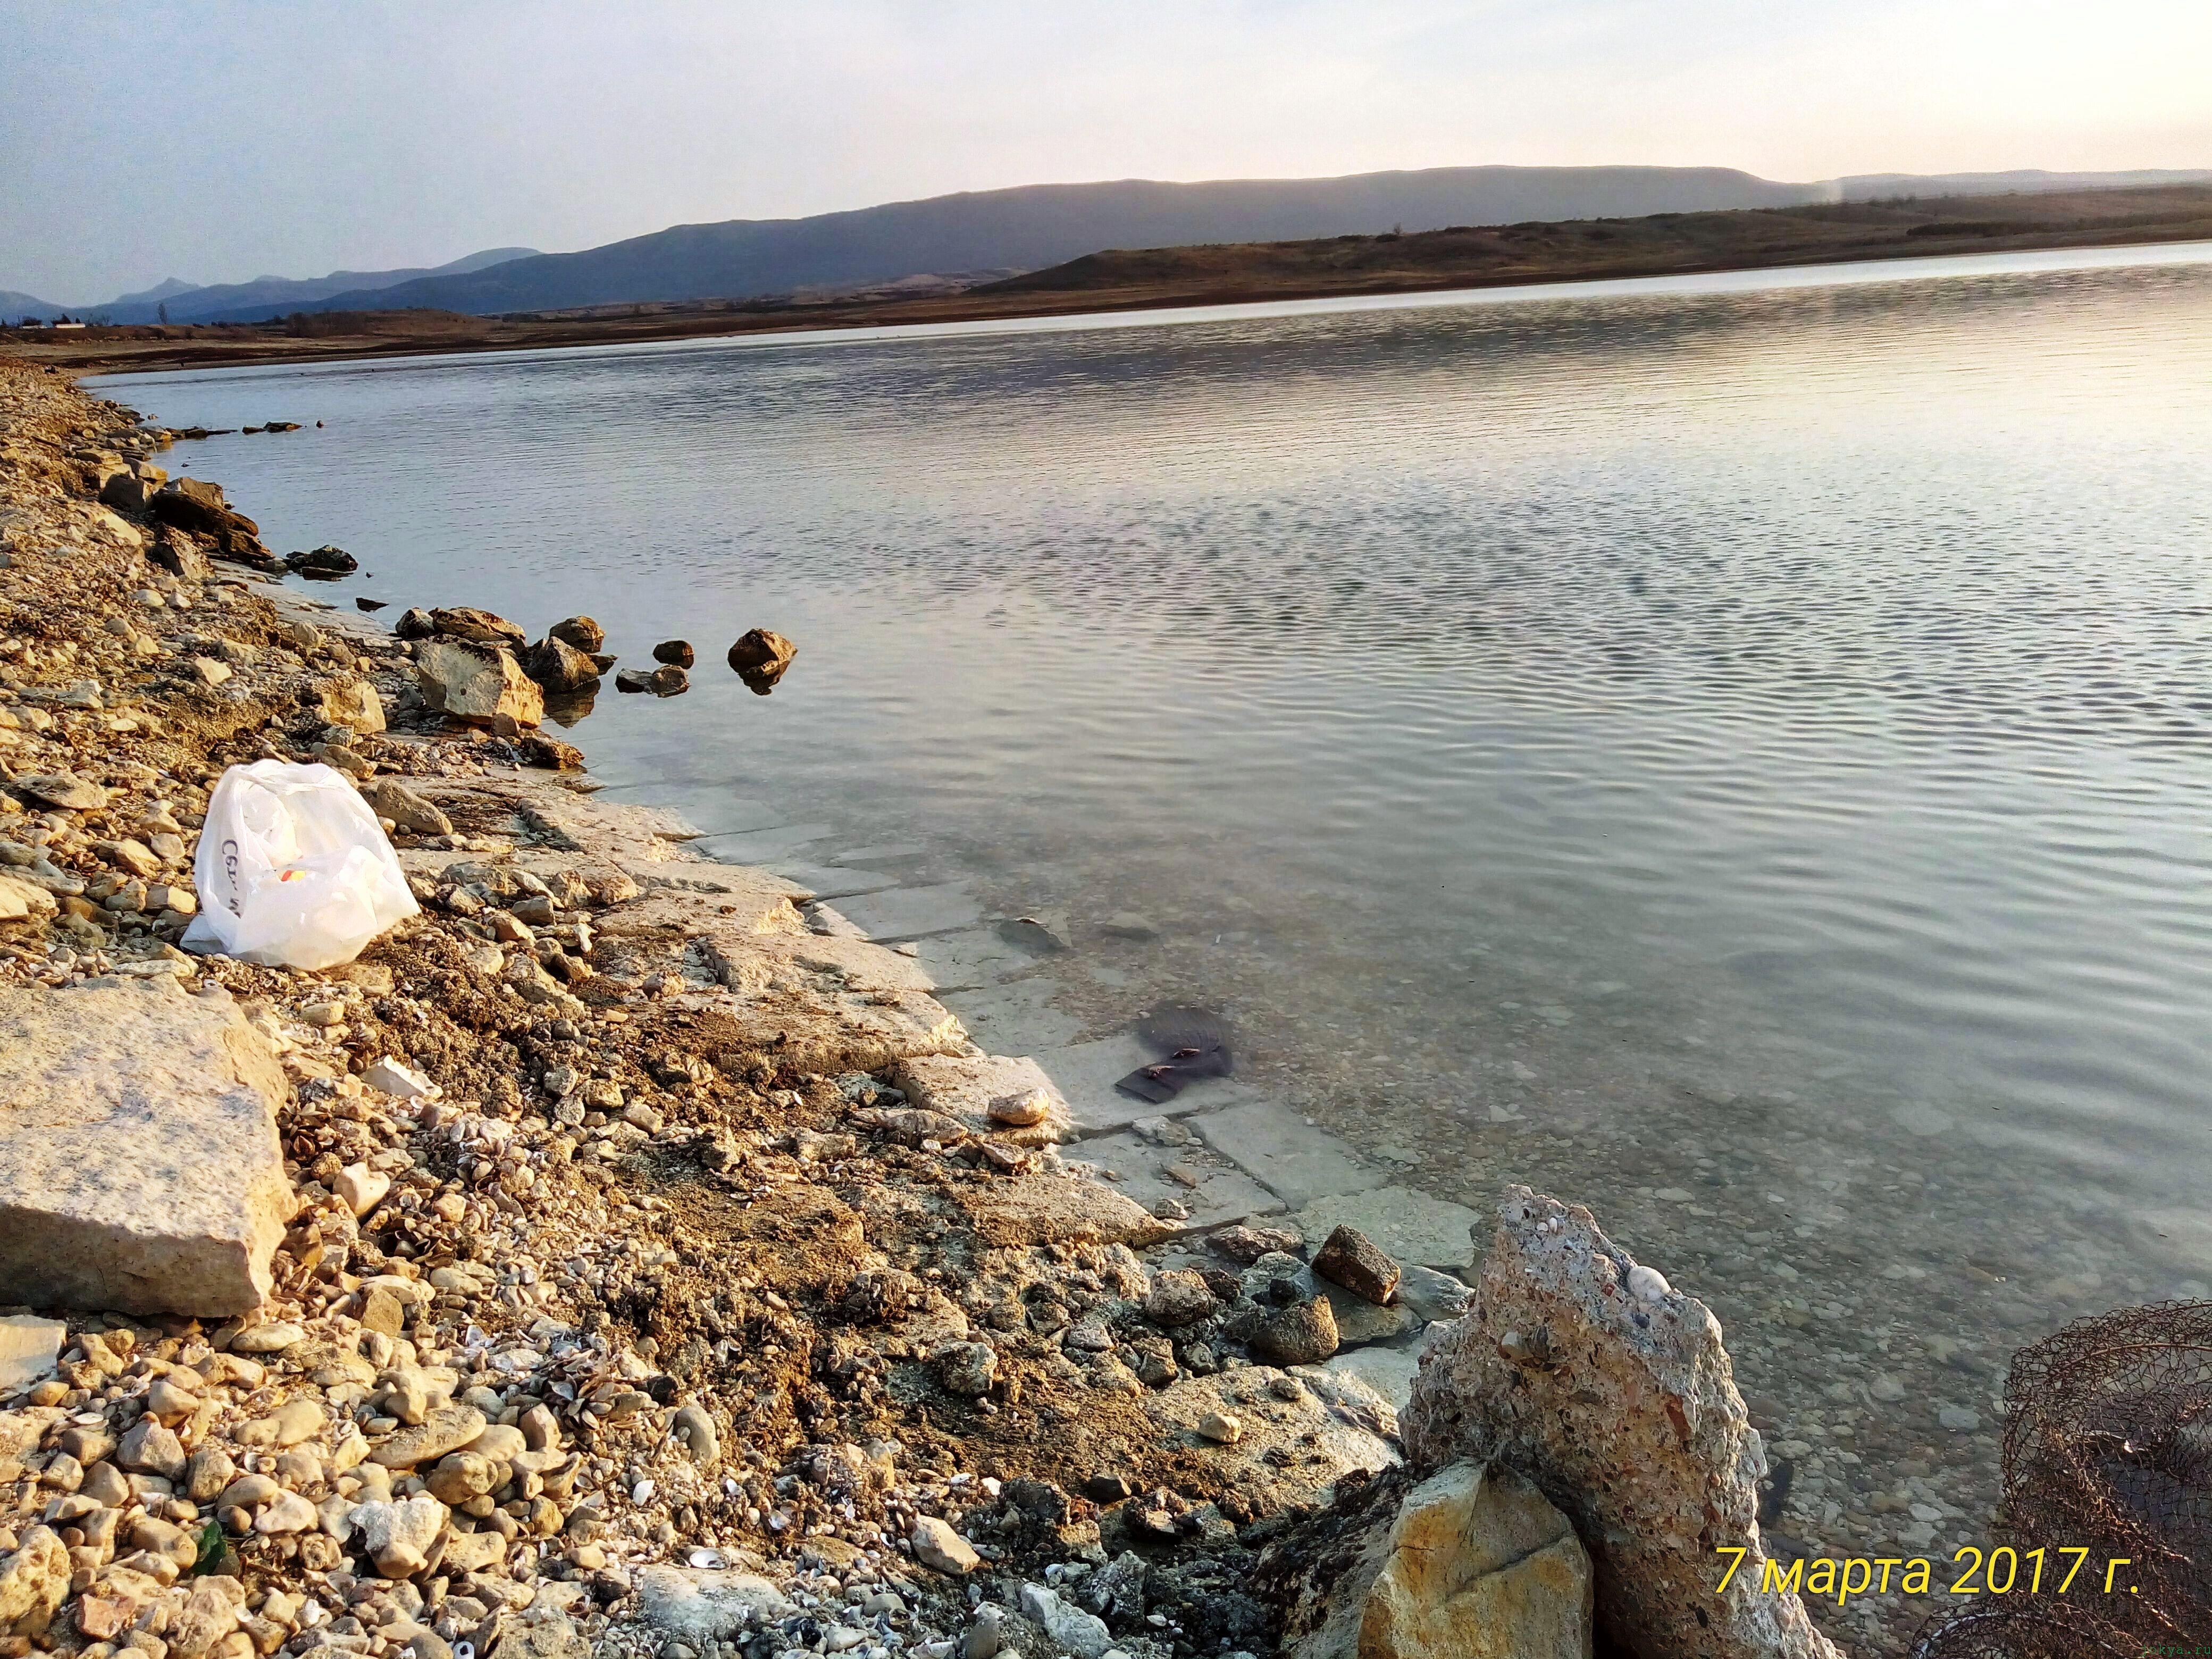 Белогорское водохранилище Тайган фото заметка о моей реальности в Крыму jokya.ru